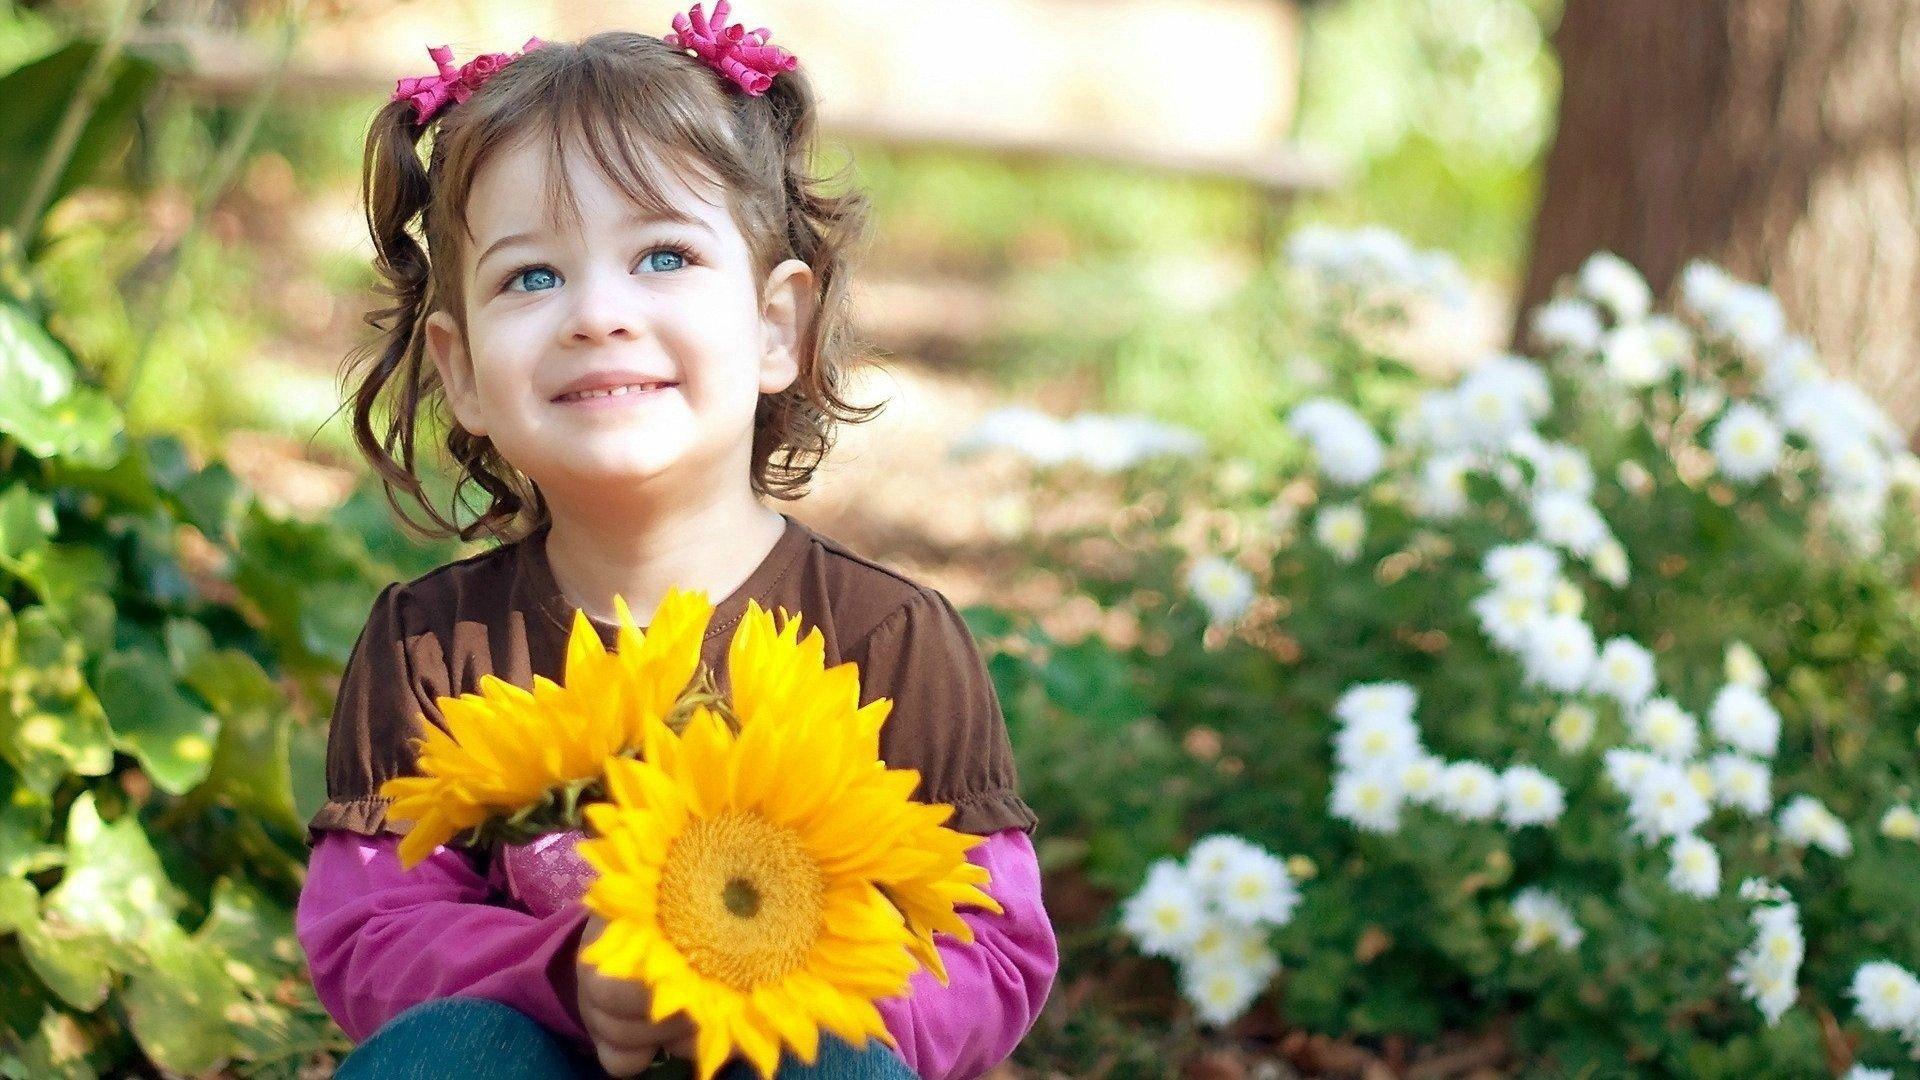 Happy Little Girl Smile Hd Wallpaper